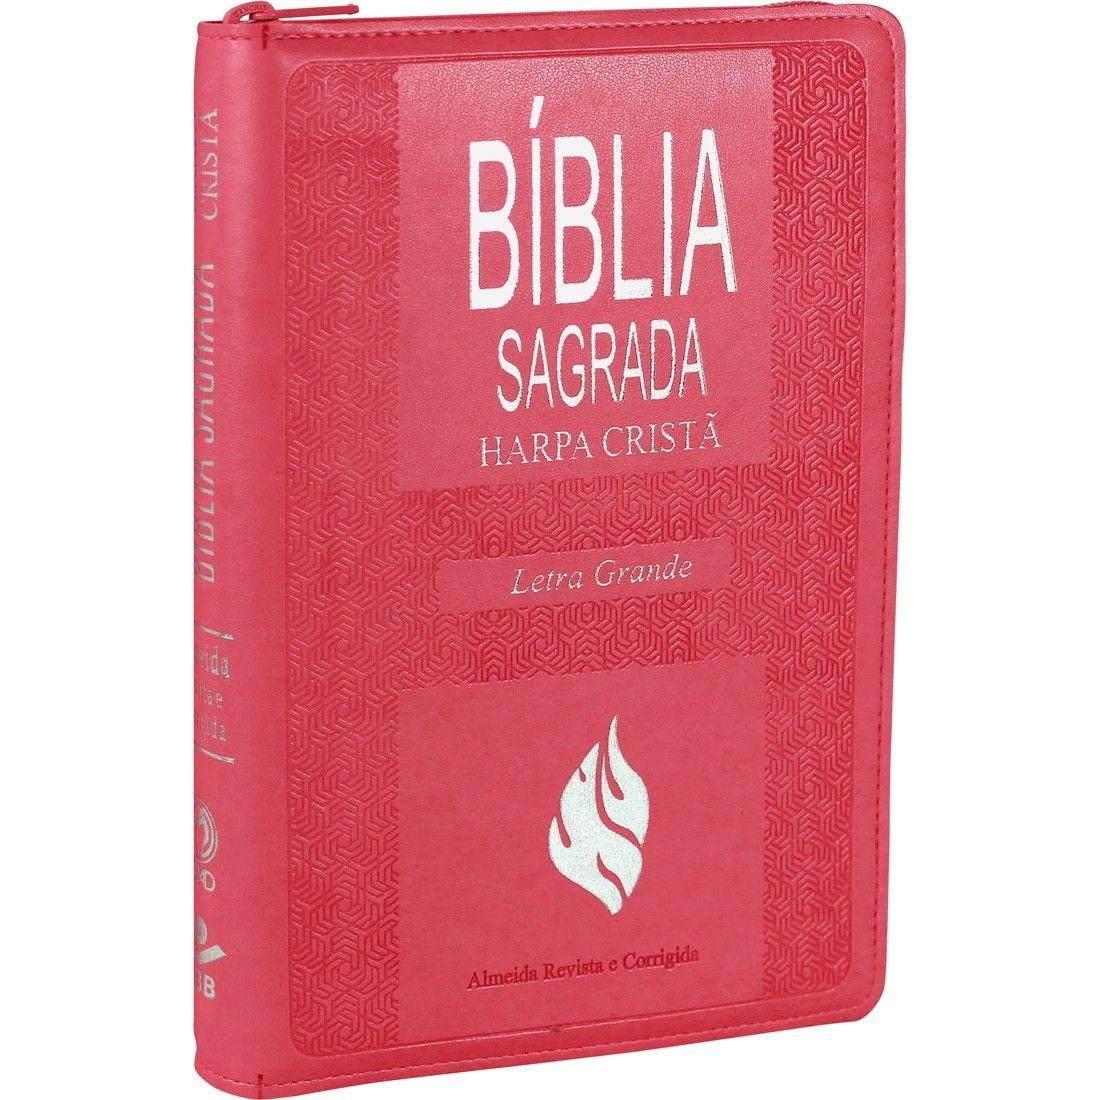 BÍBLIA SAGRADA LETRA GRANDE COM HARPA CRISTÃ PINK ZIPER